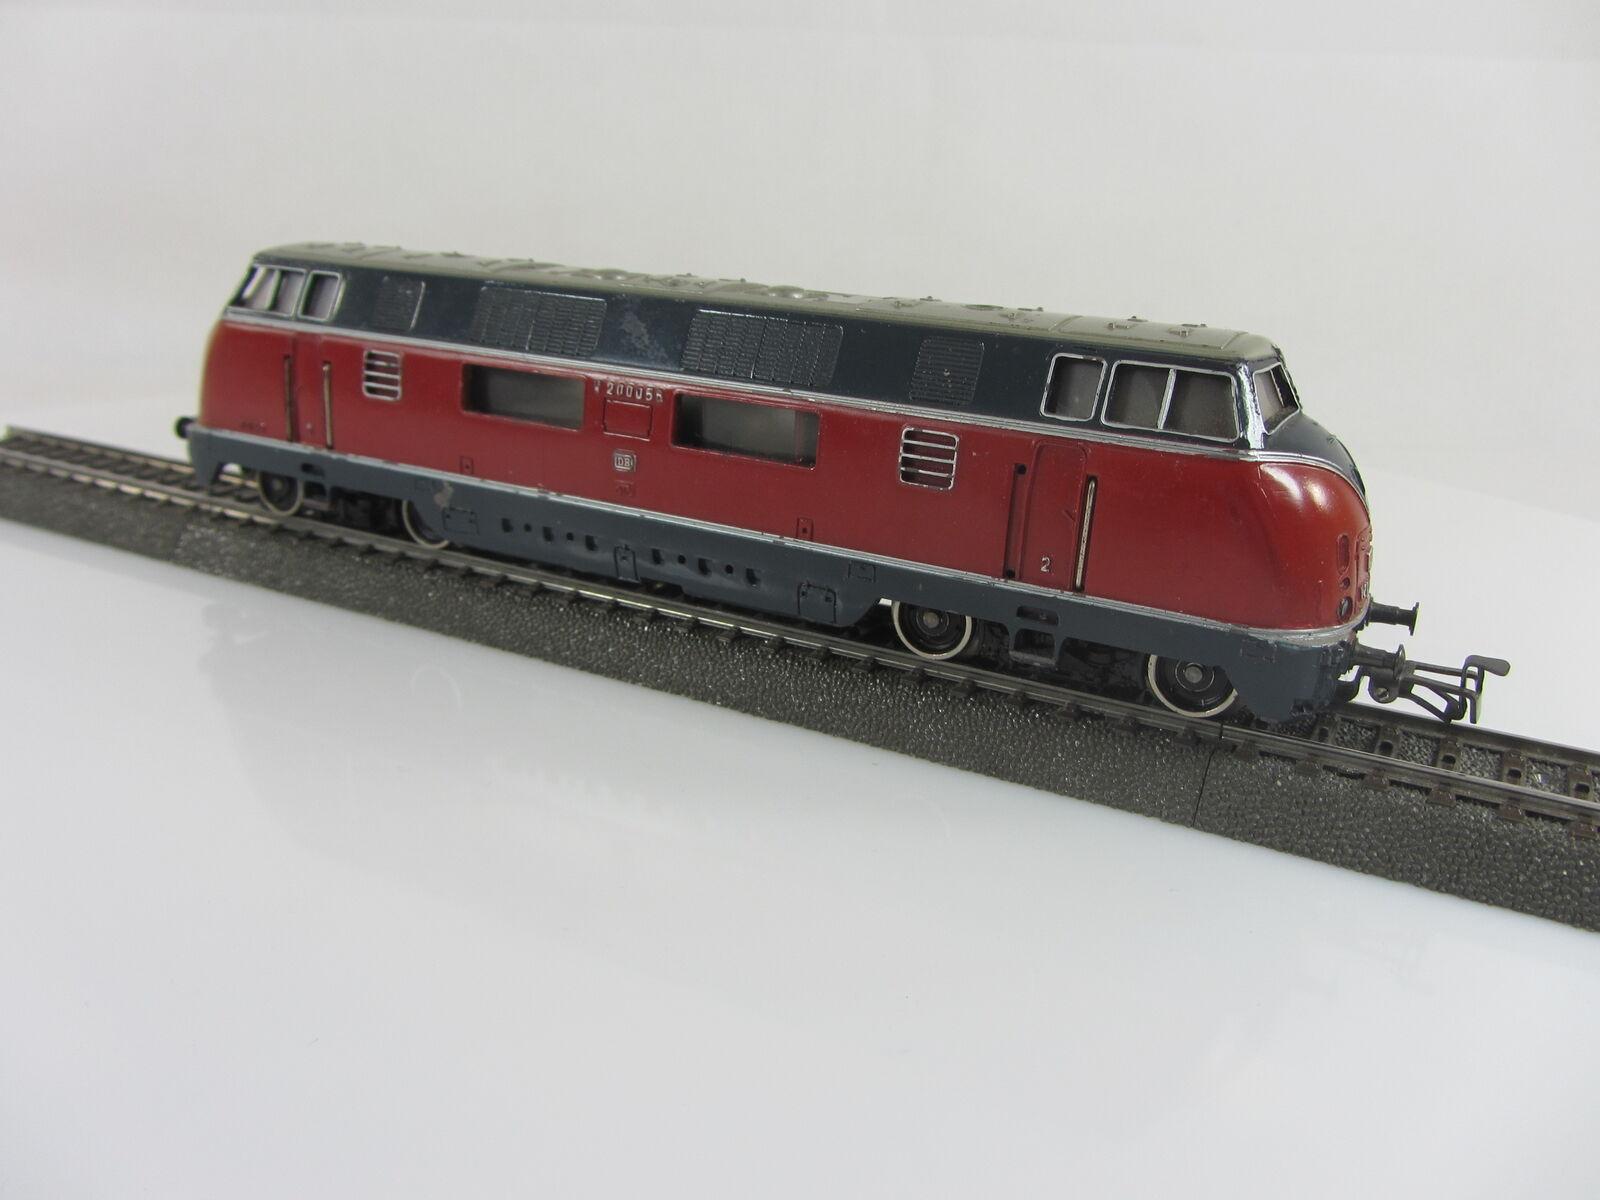 3021 DIESEL BR v200 056 delle DB in rosso, usato, senza imballaggio